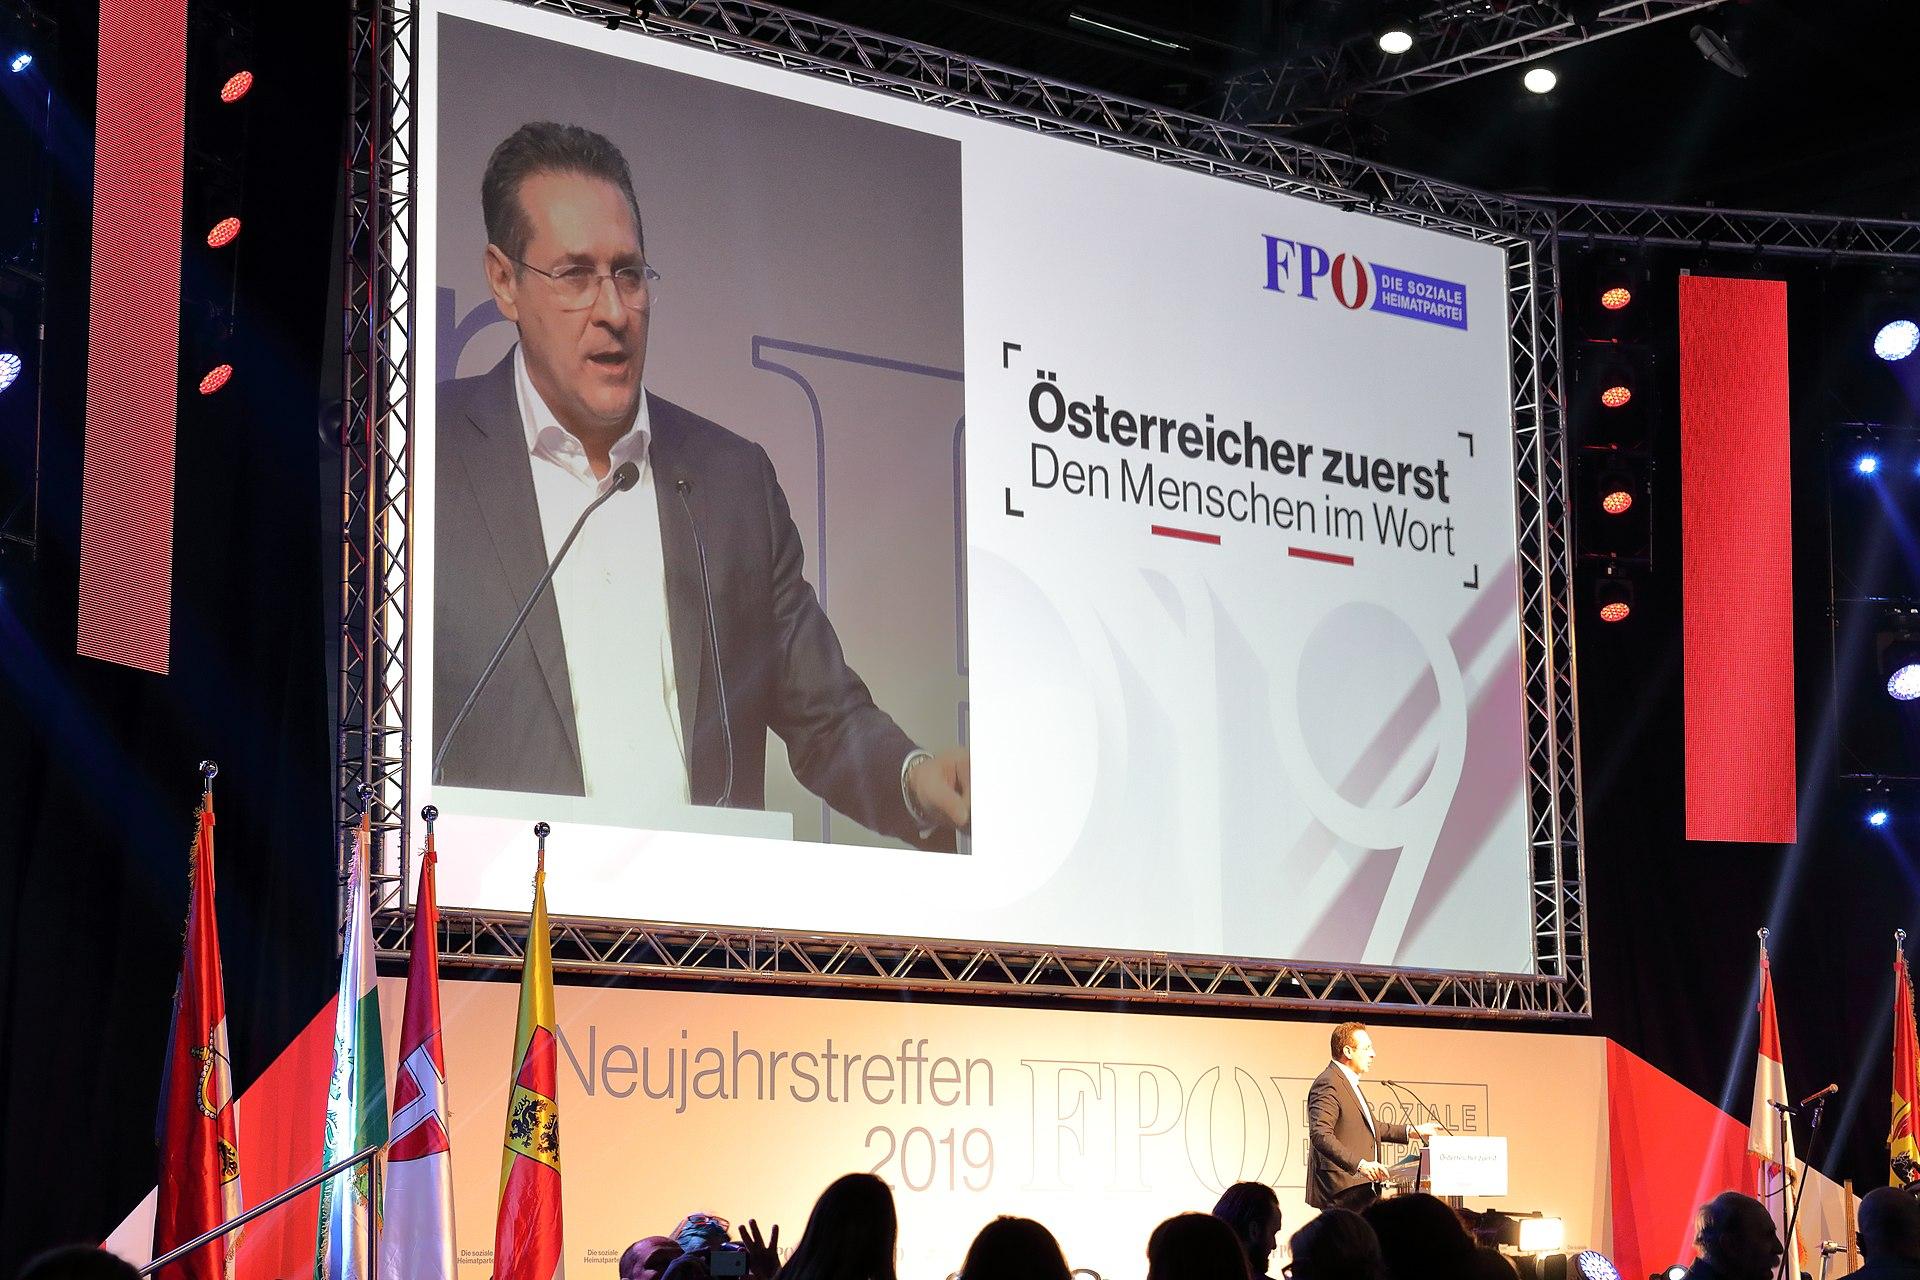 Heinz-Christian Strache bei seinem letzten FPÖ-Neujahrstreffen im Jänner 2019 (© Bwag/Wikimedia)